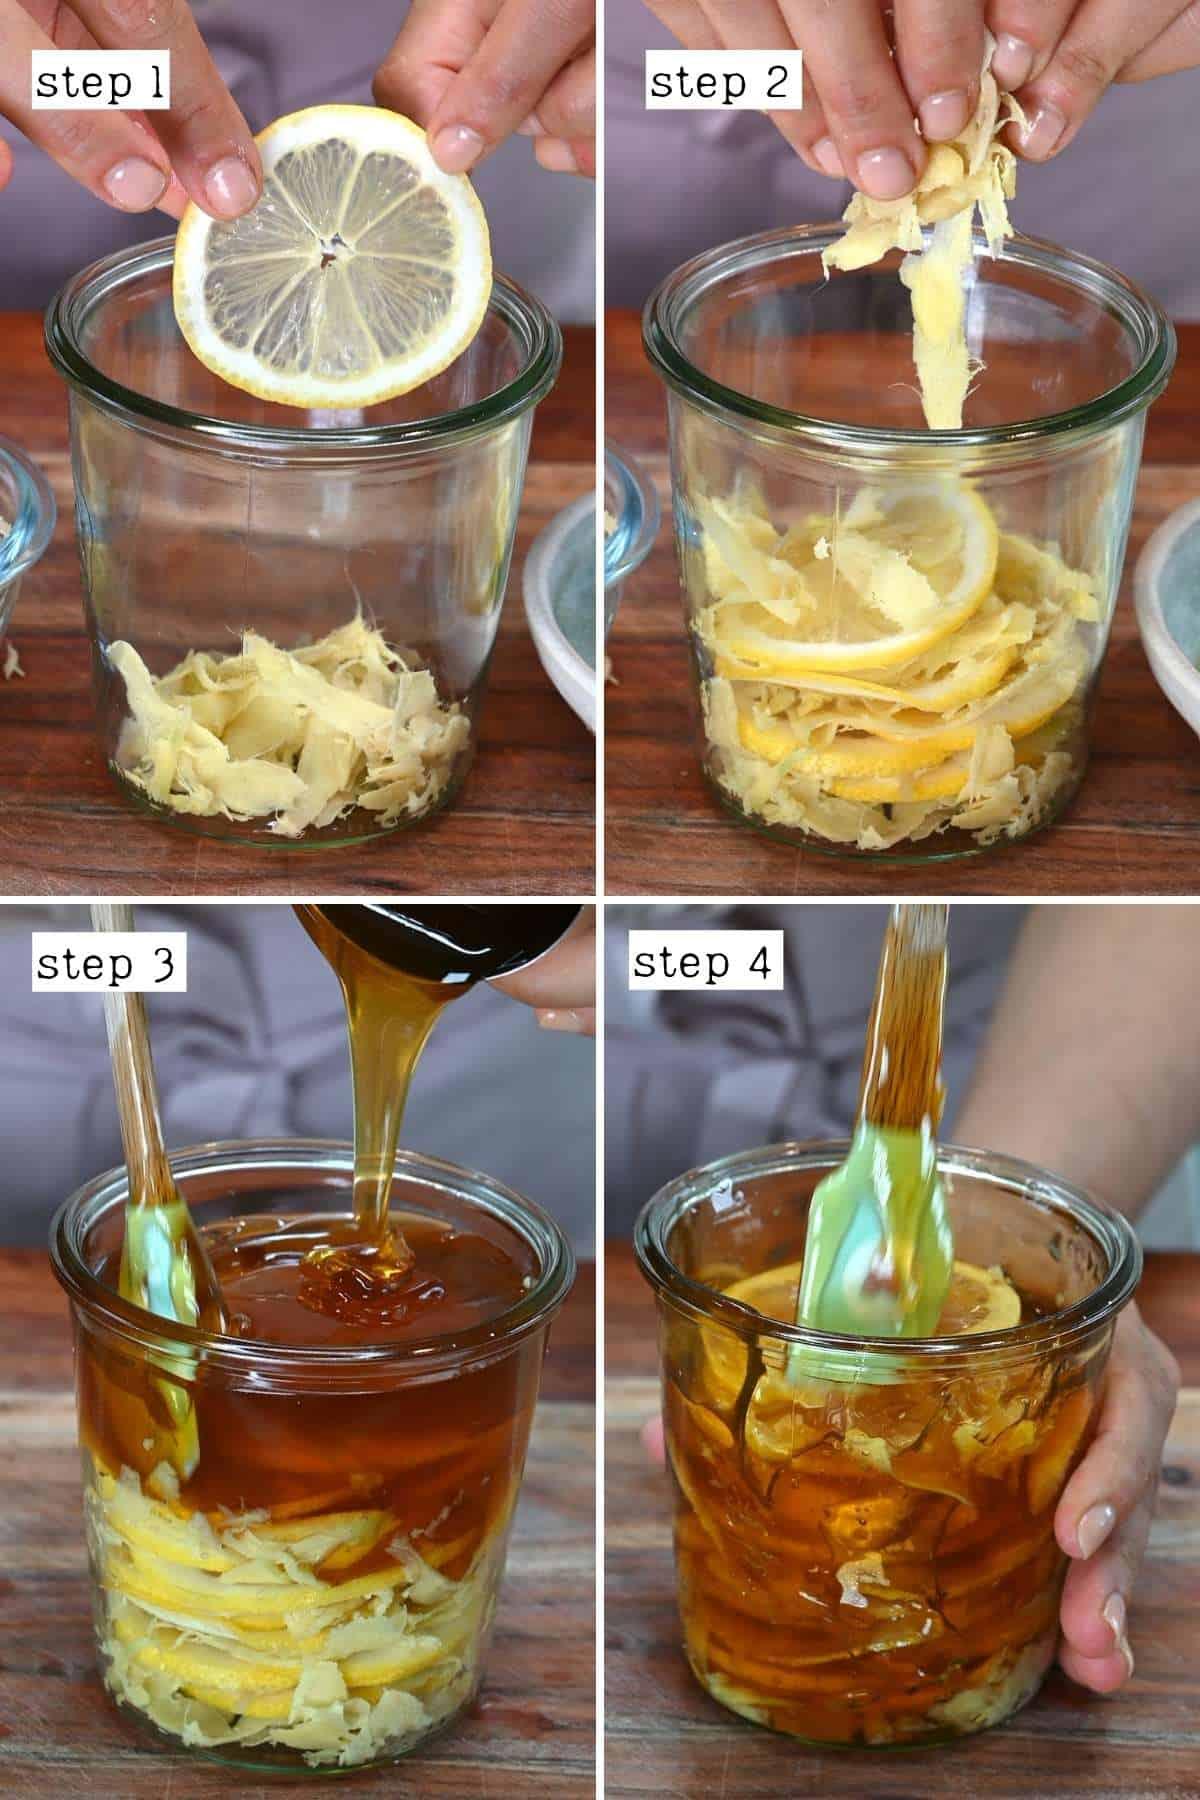 Steps for making lemon ginger honey ferment